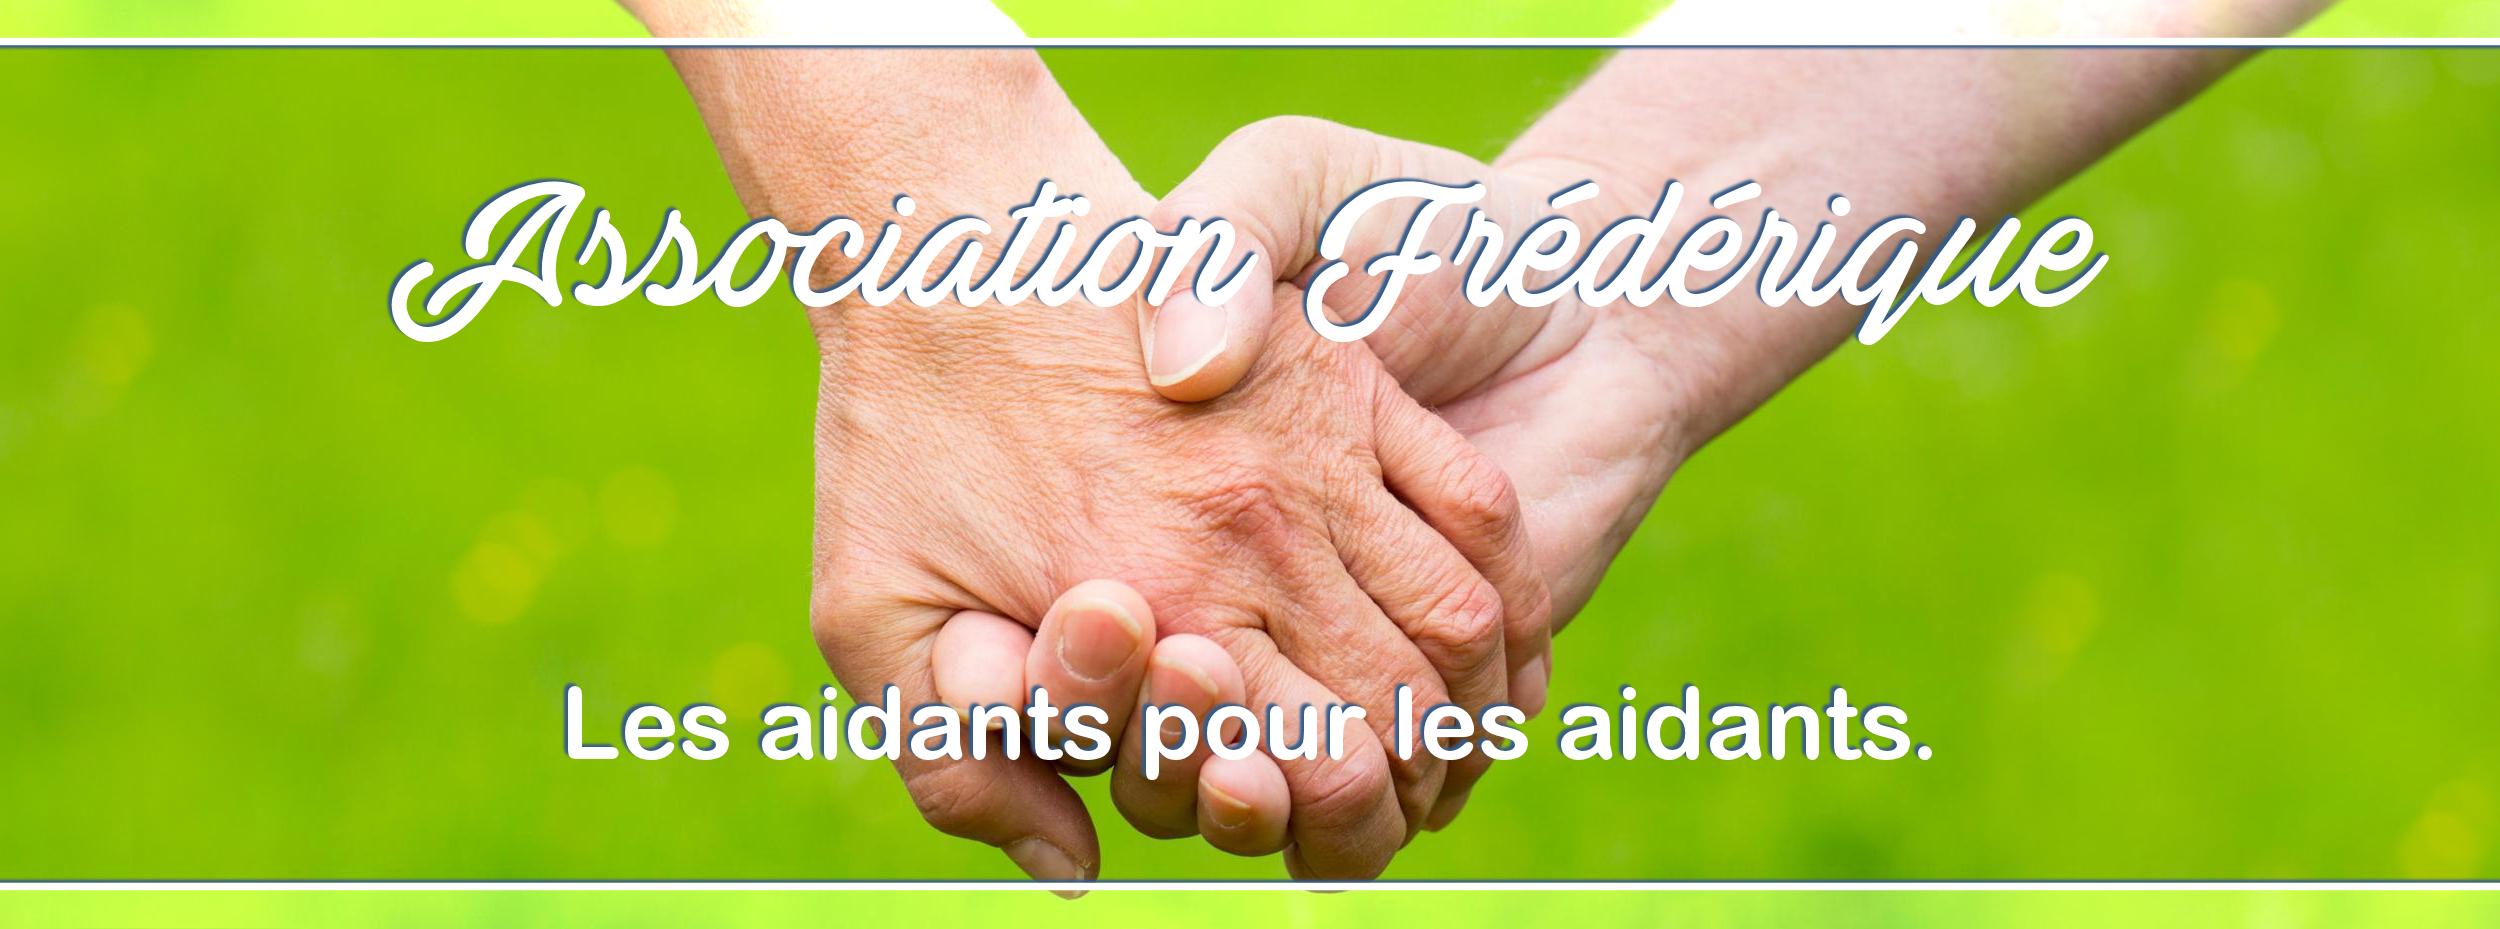 association Frédérique